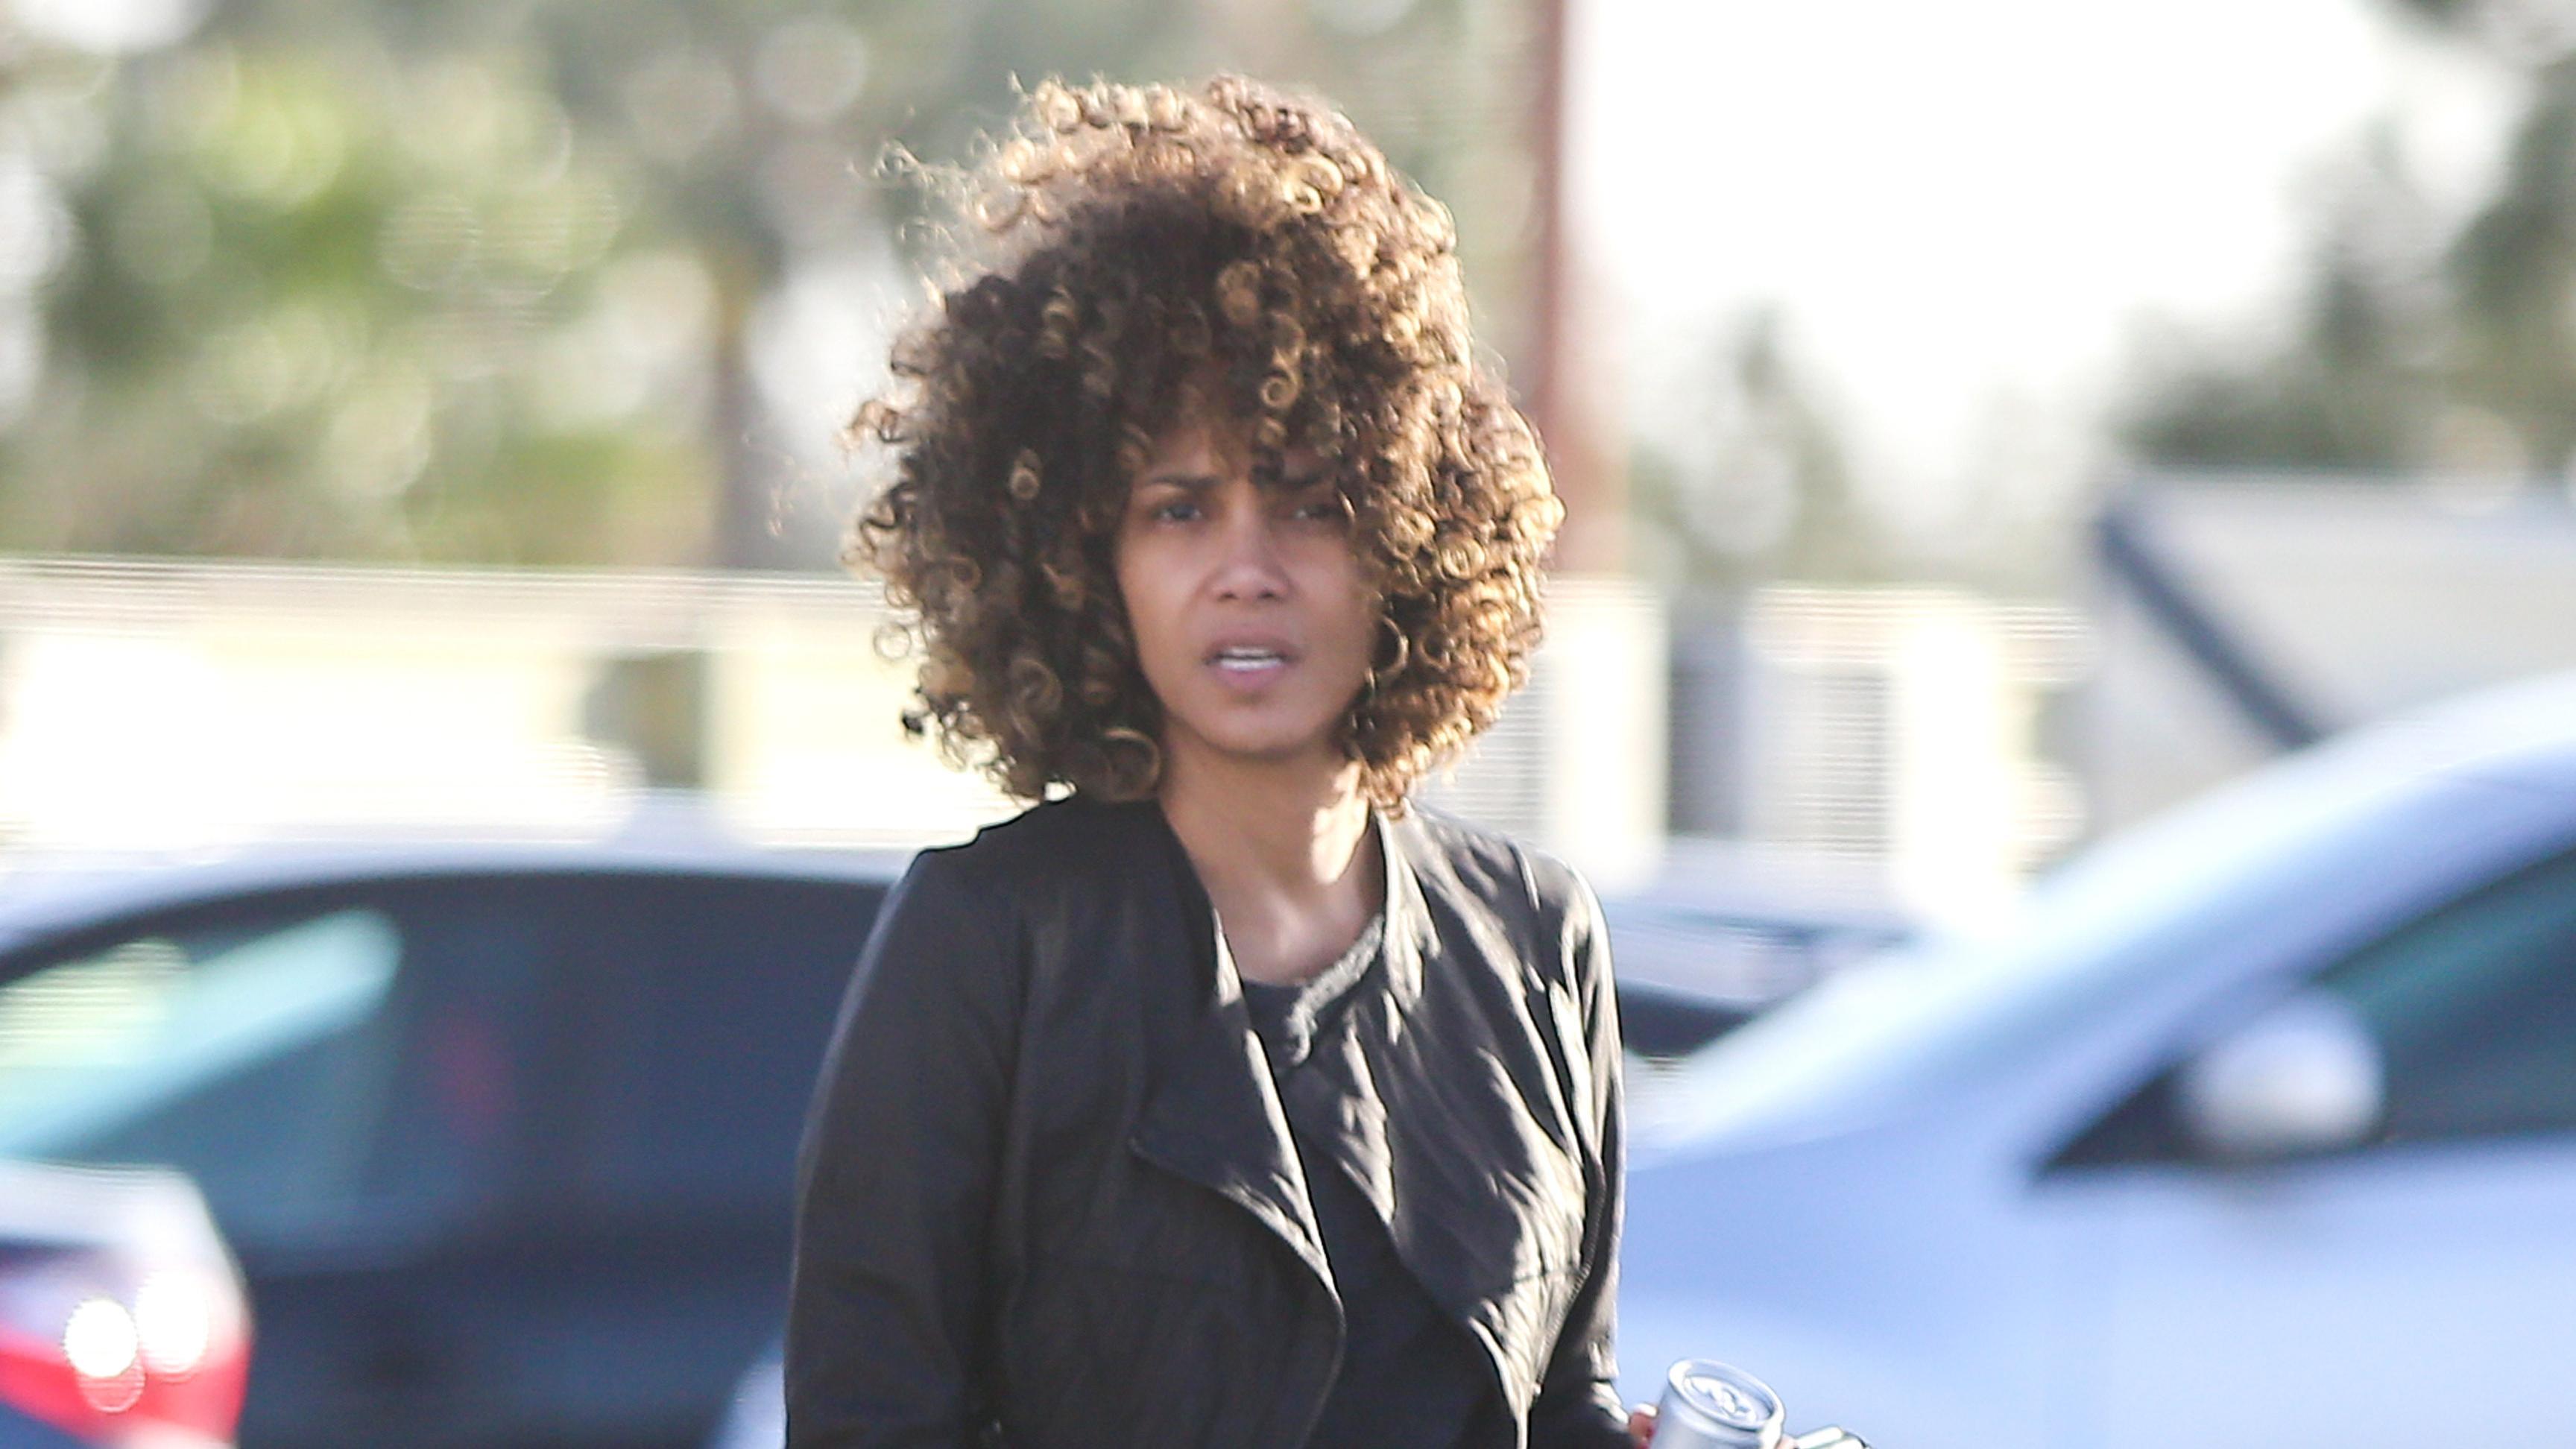 Halle Berry Z Fryzurą Afro Jak Wam Się Podoba Piękna Aktorka